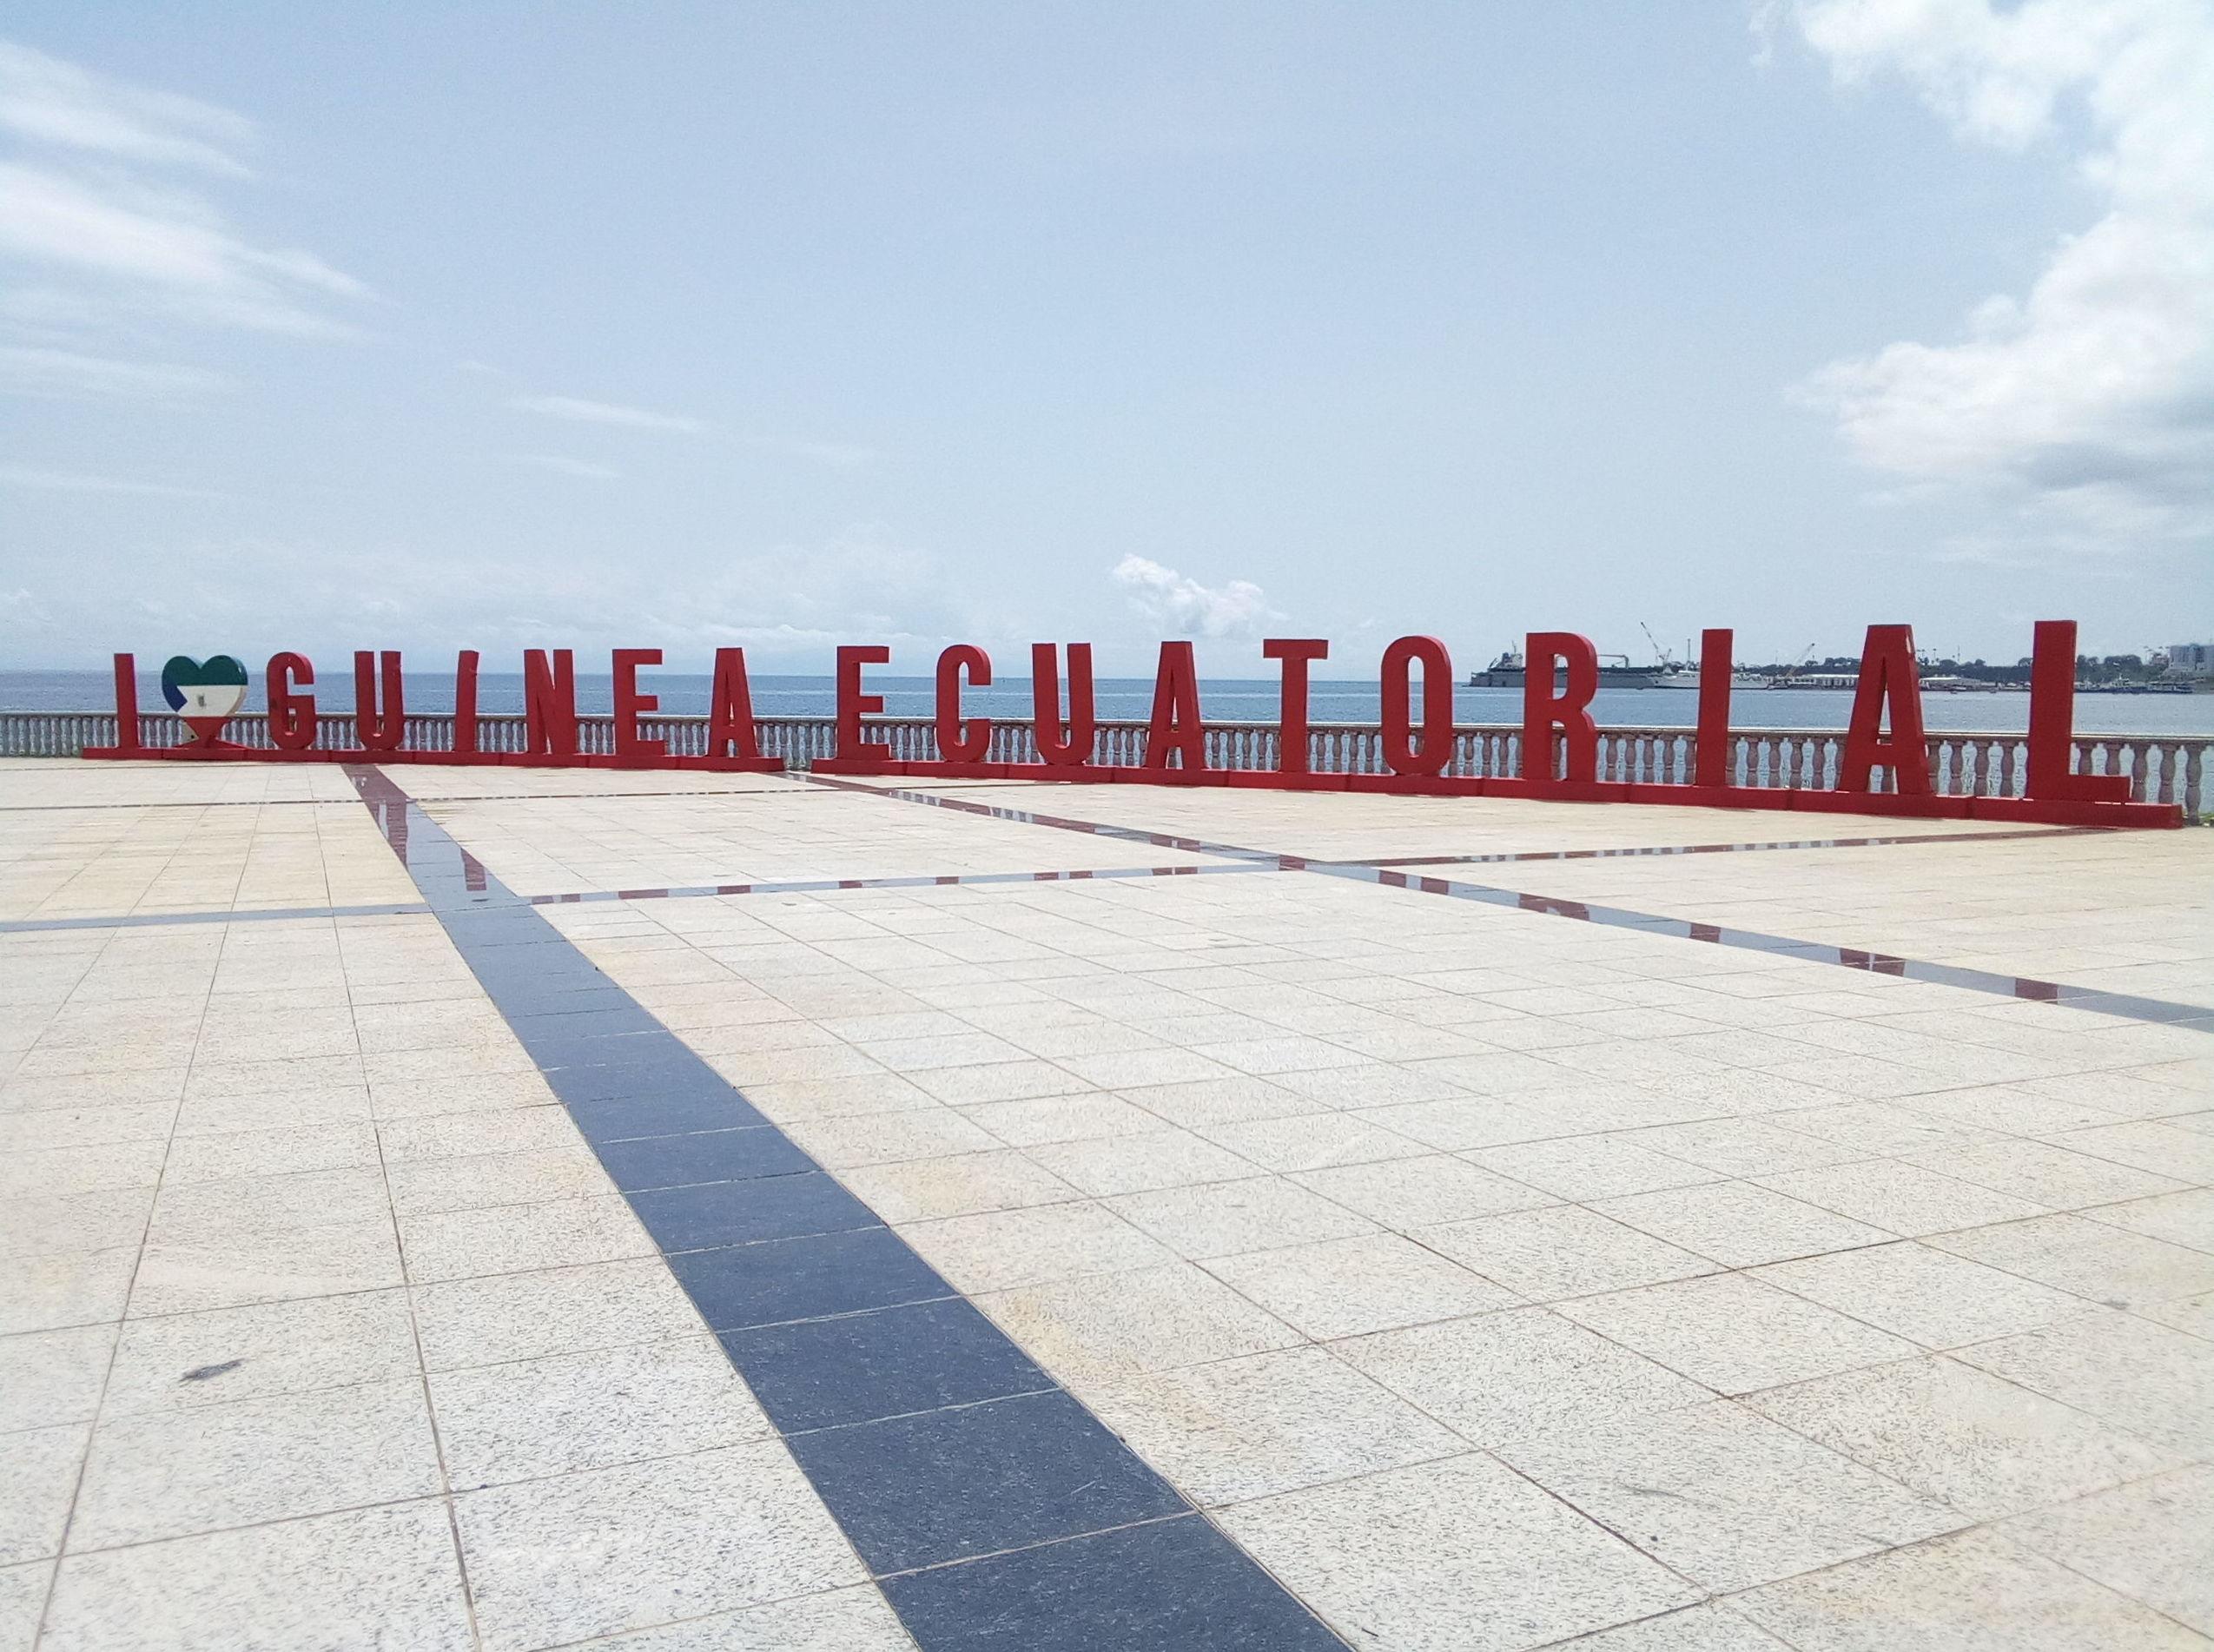 Un des points forts de la Guinée équatoriale, le tourisme